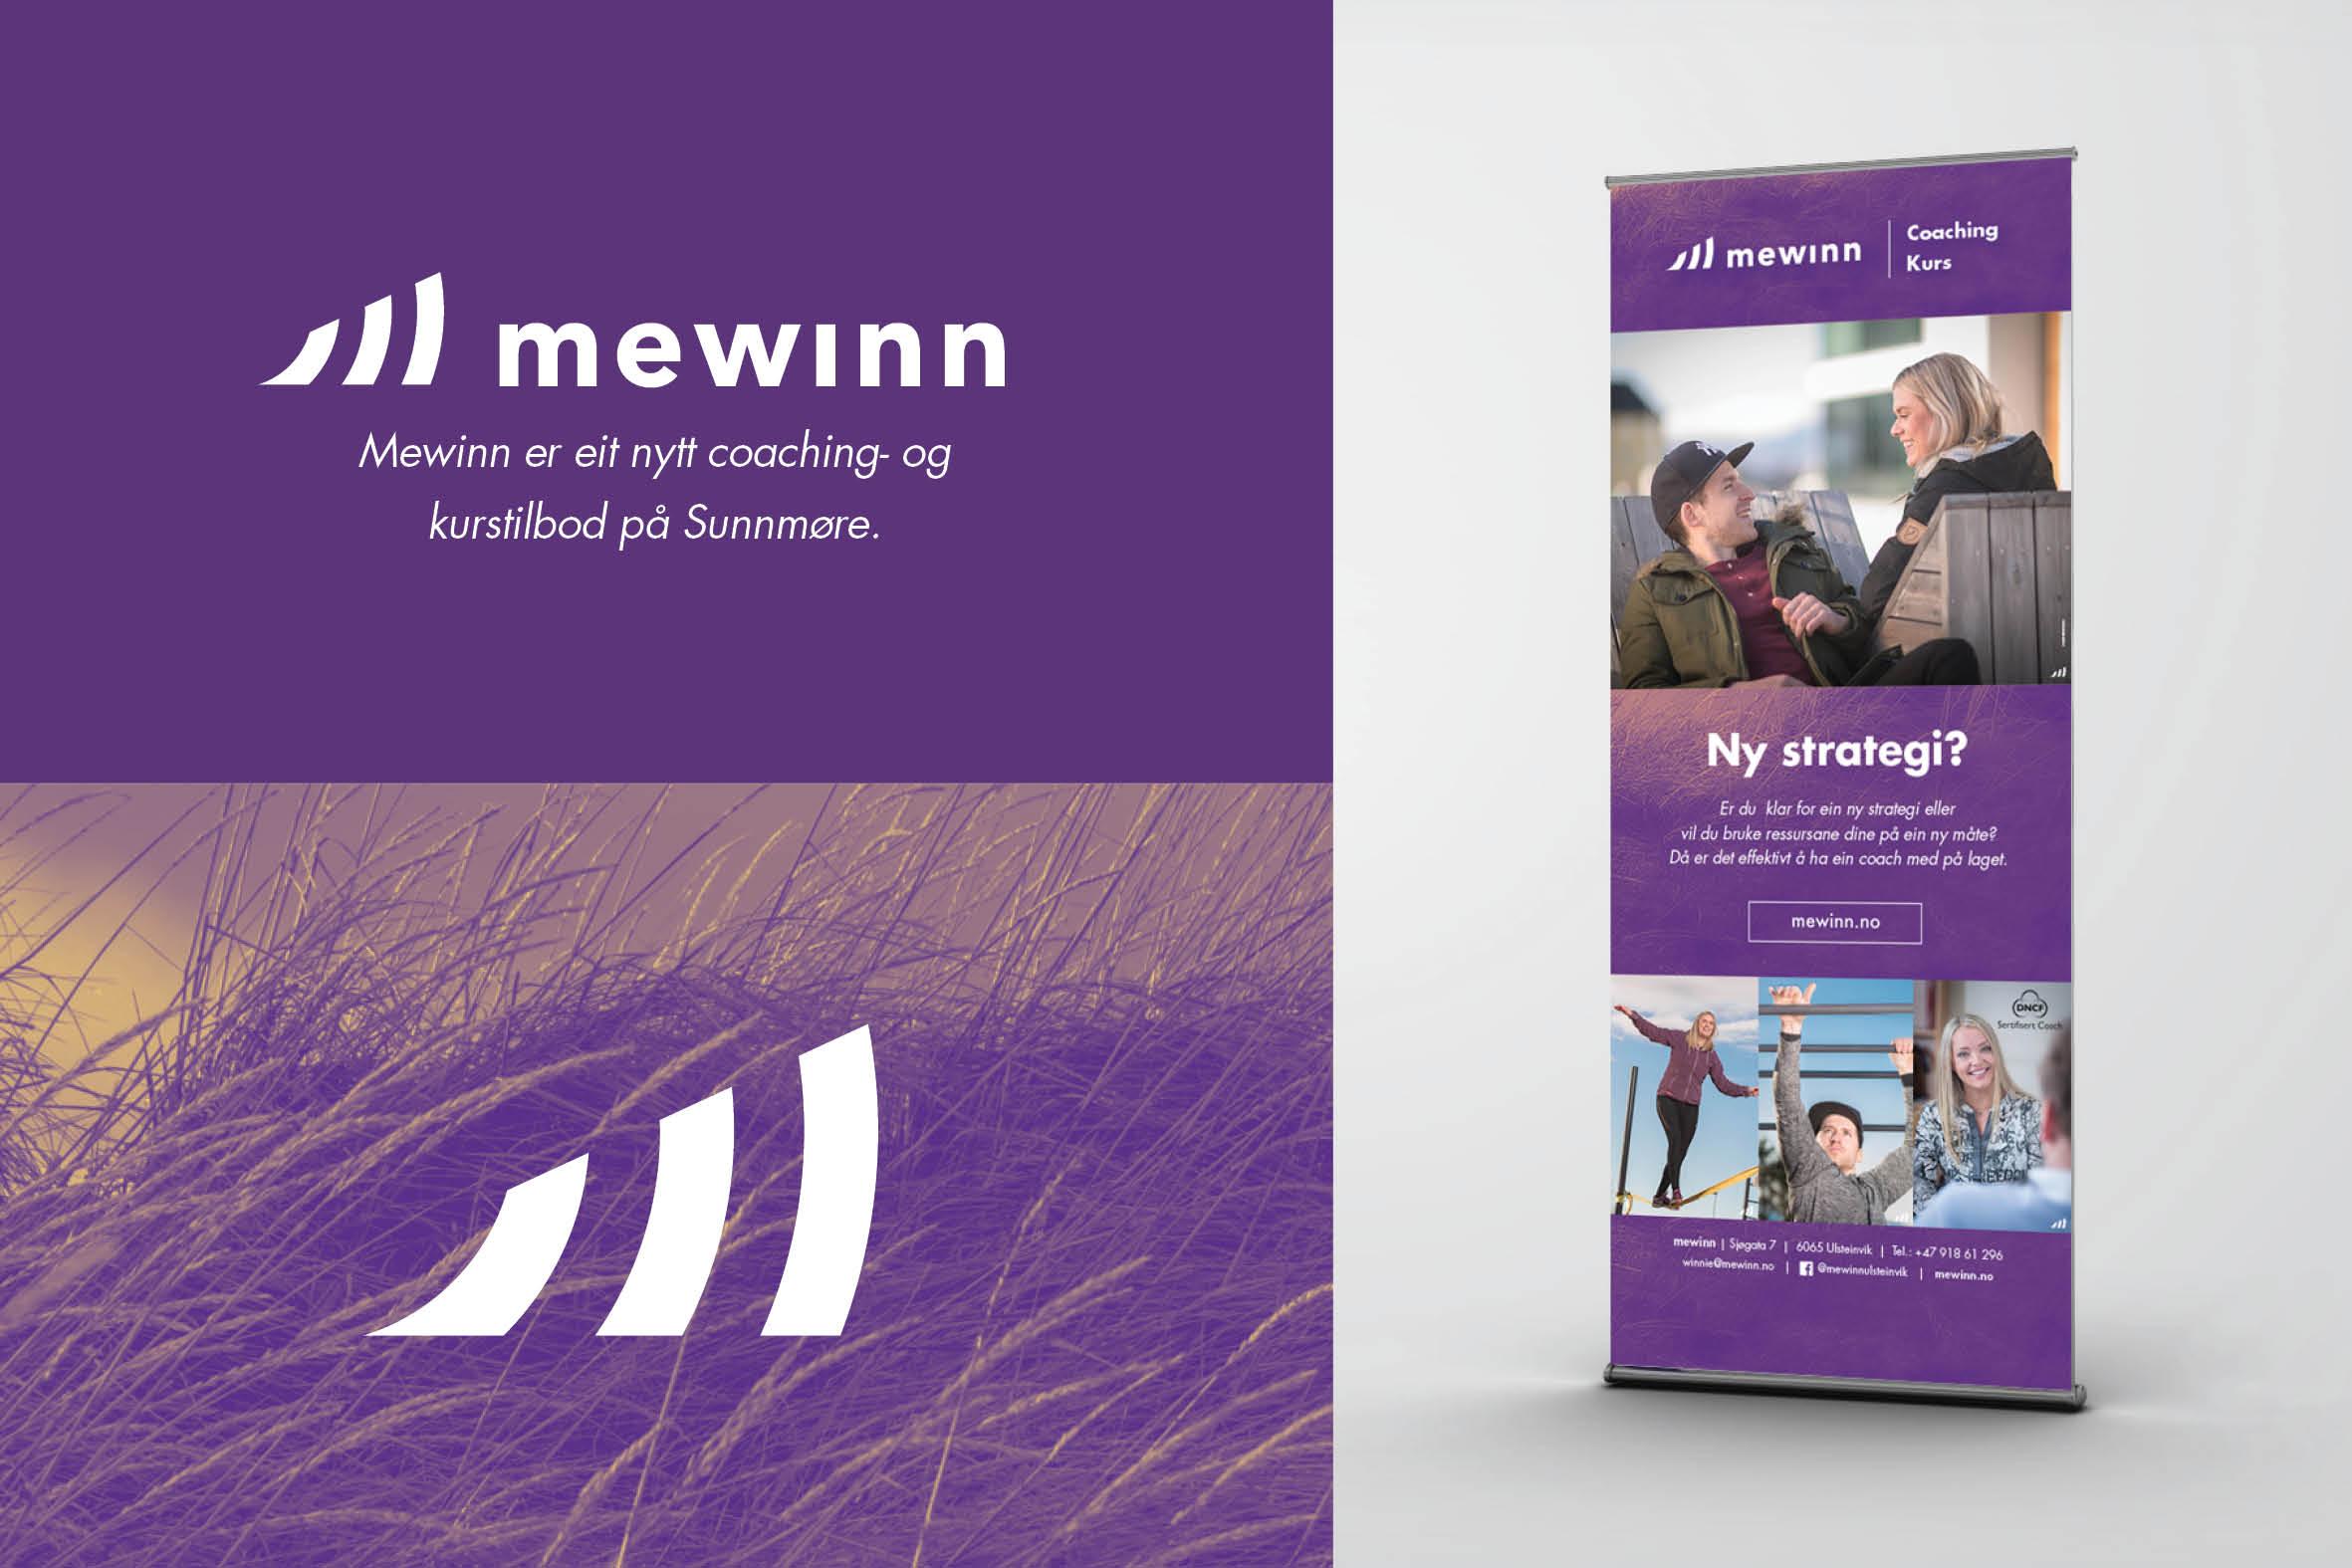 Mewinn_logo_rollup.jpg